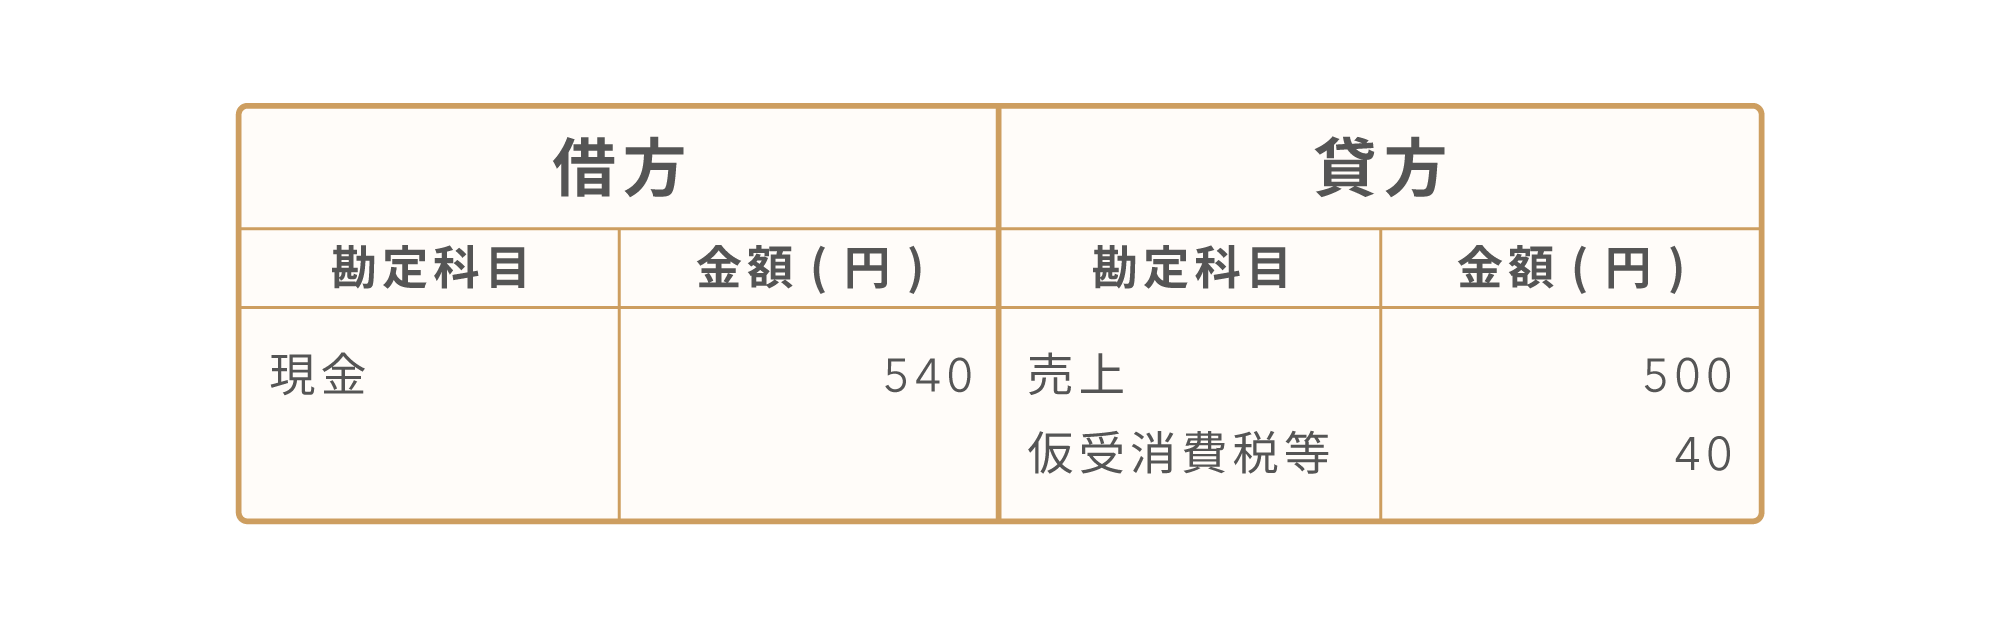 税抜経理方式の場合[借方:現金540円、貸方:売上500円+仮受消費税等40円]